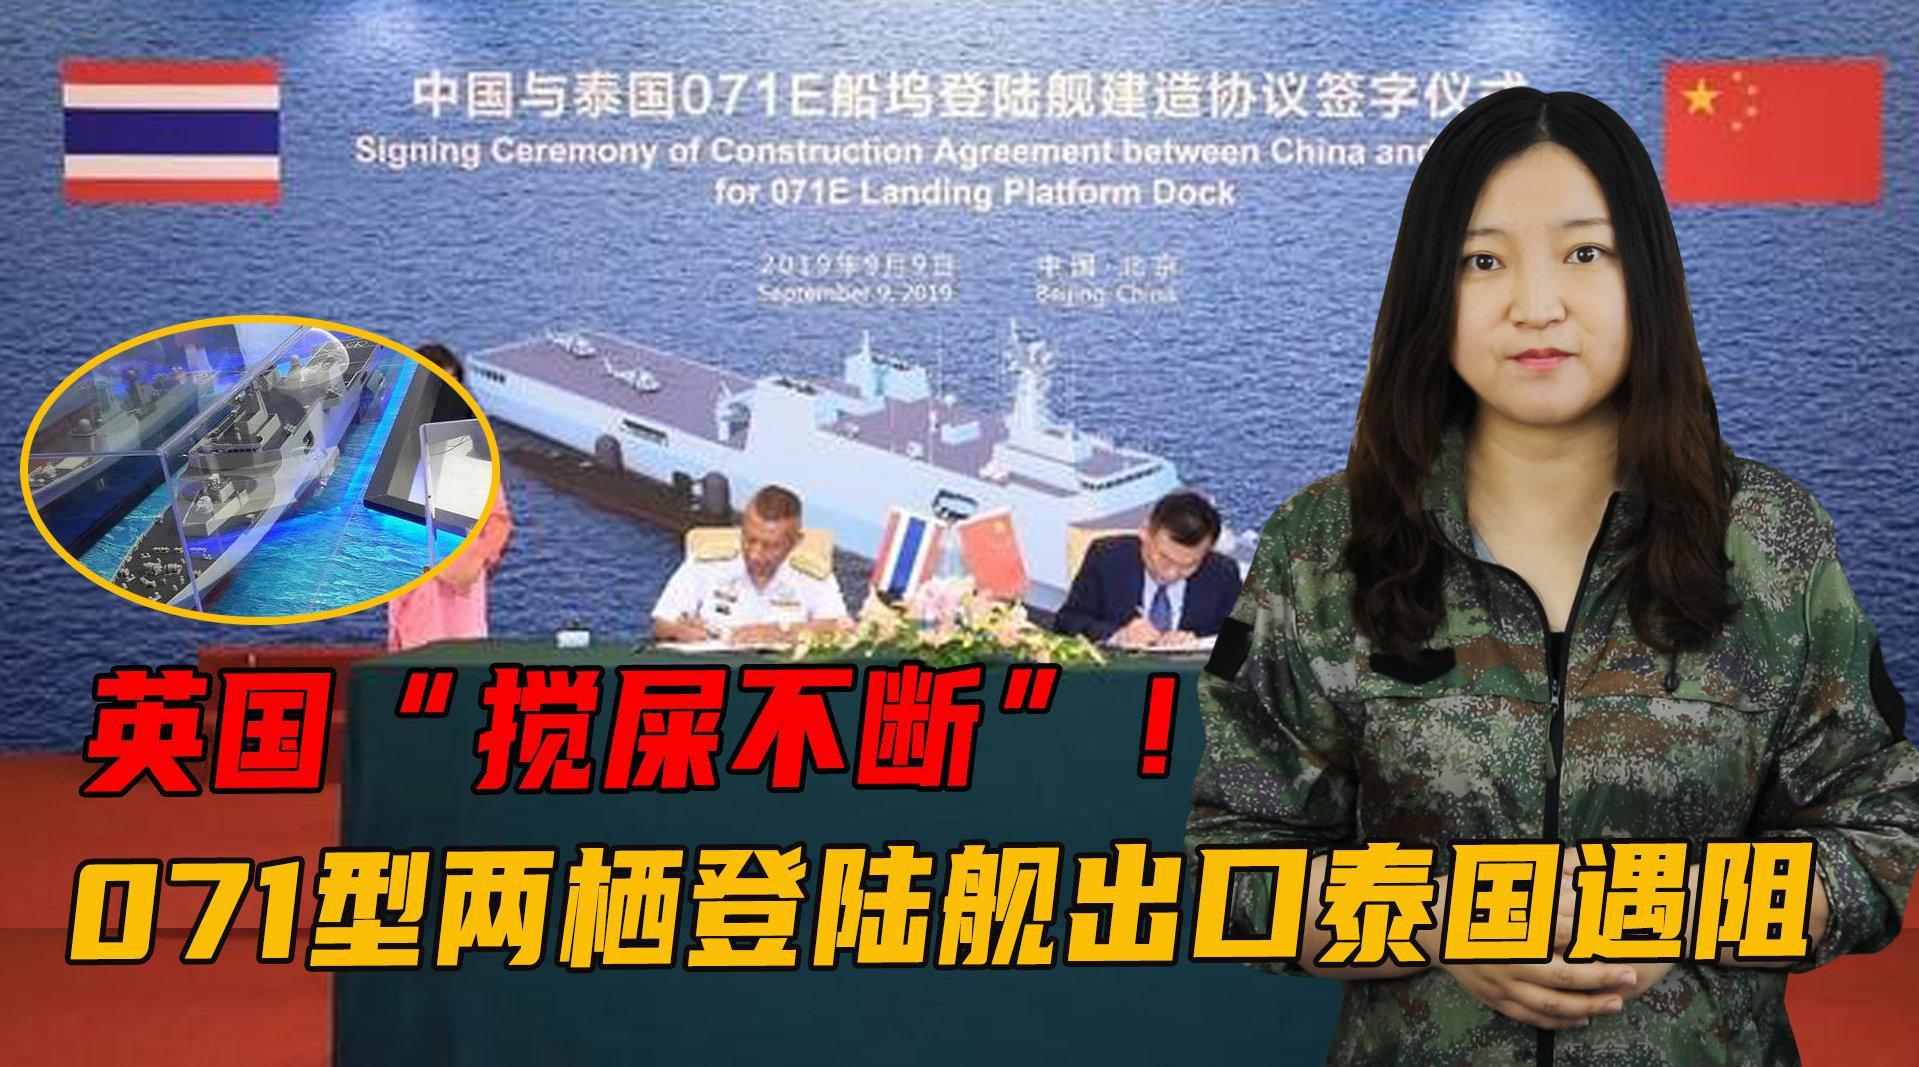 071型两栖登陆舰出口泰国遭遇拦阻……